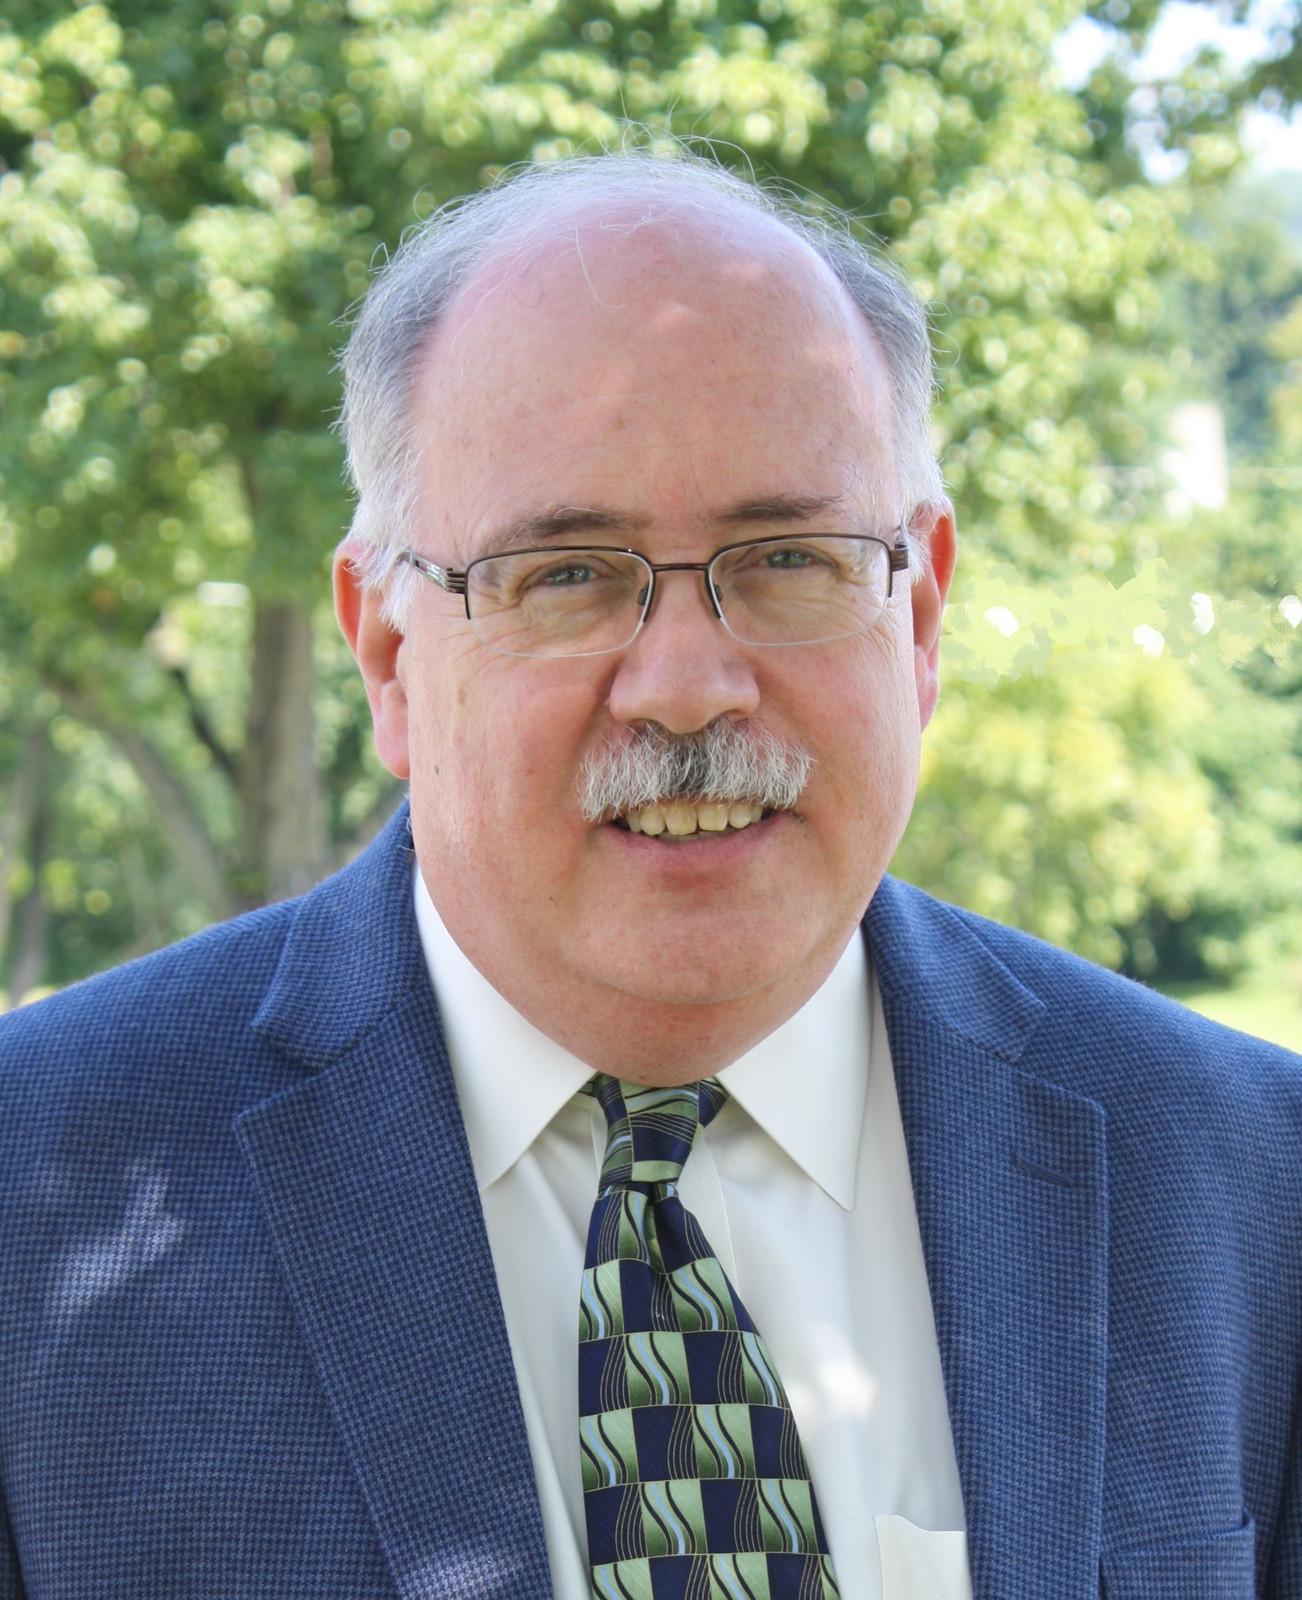 Robert Miller, ND